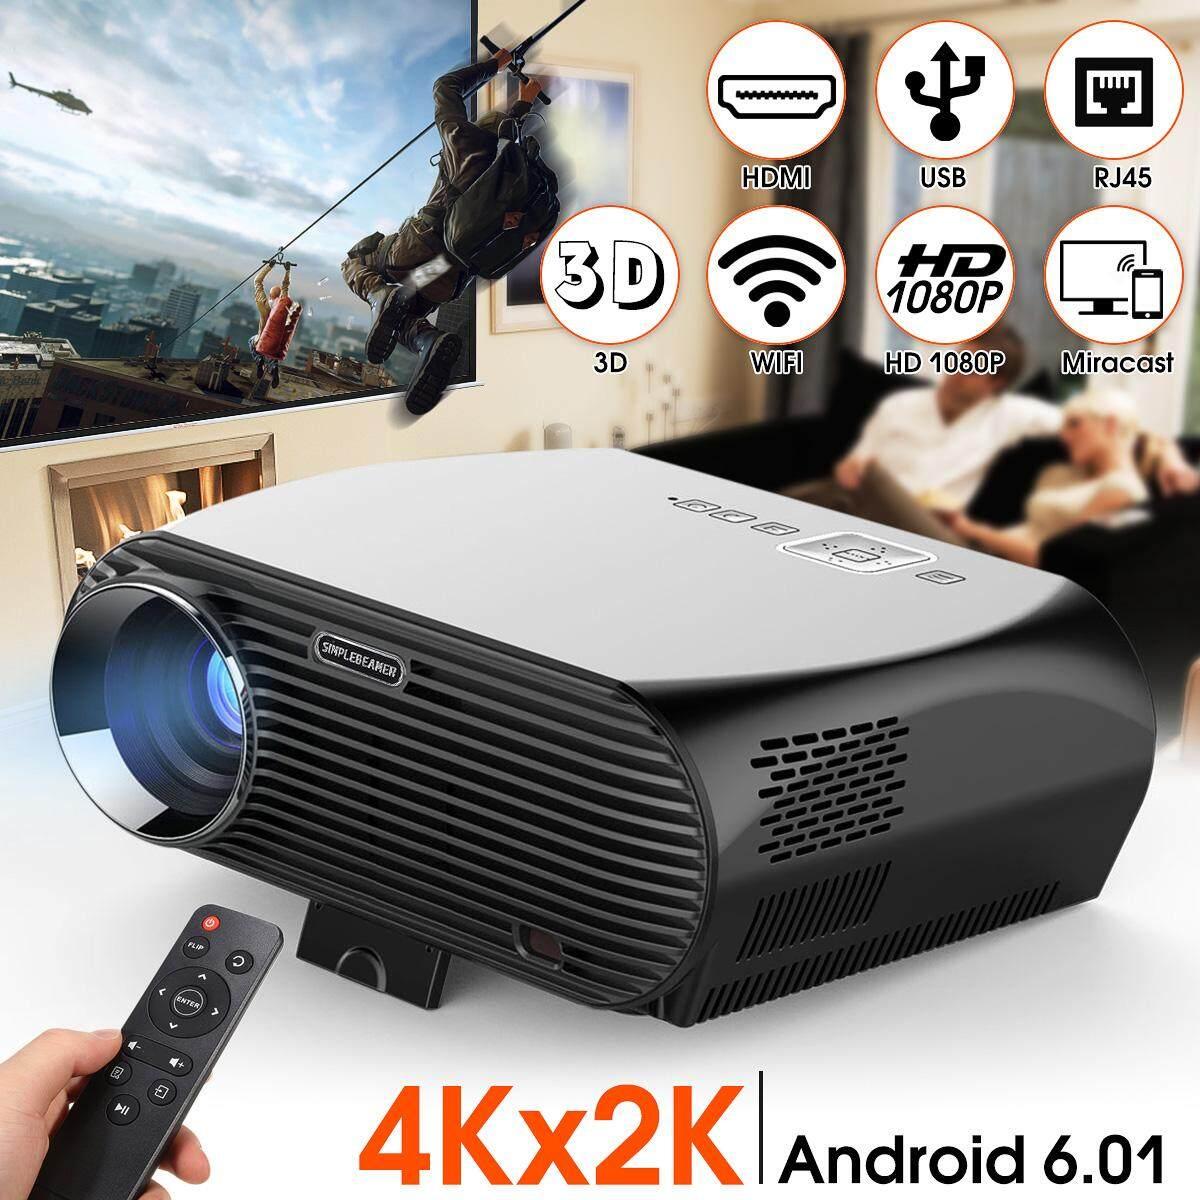 【Free Vận Chuyển + Đèn Flash Deal】LED LCD Máy Chiếu Gia Đình HỆ ĐIỀU HÀNH ANDROID 6.01 Wifi Bluetooth HD USB USB TV